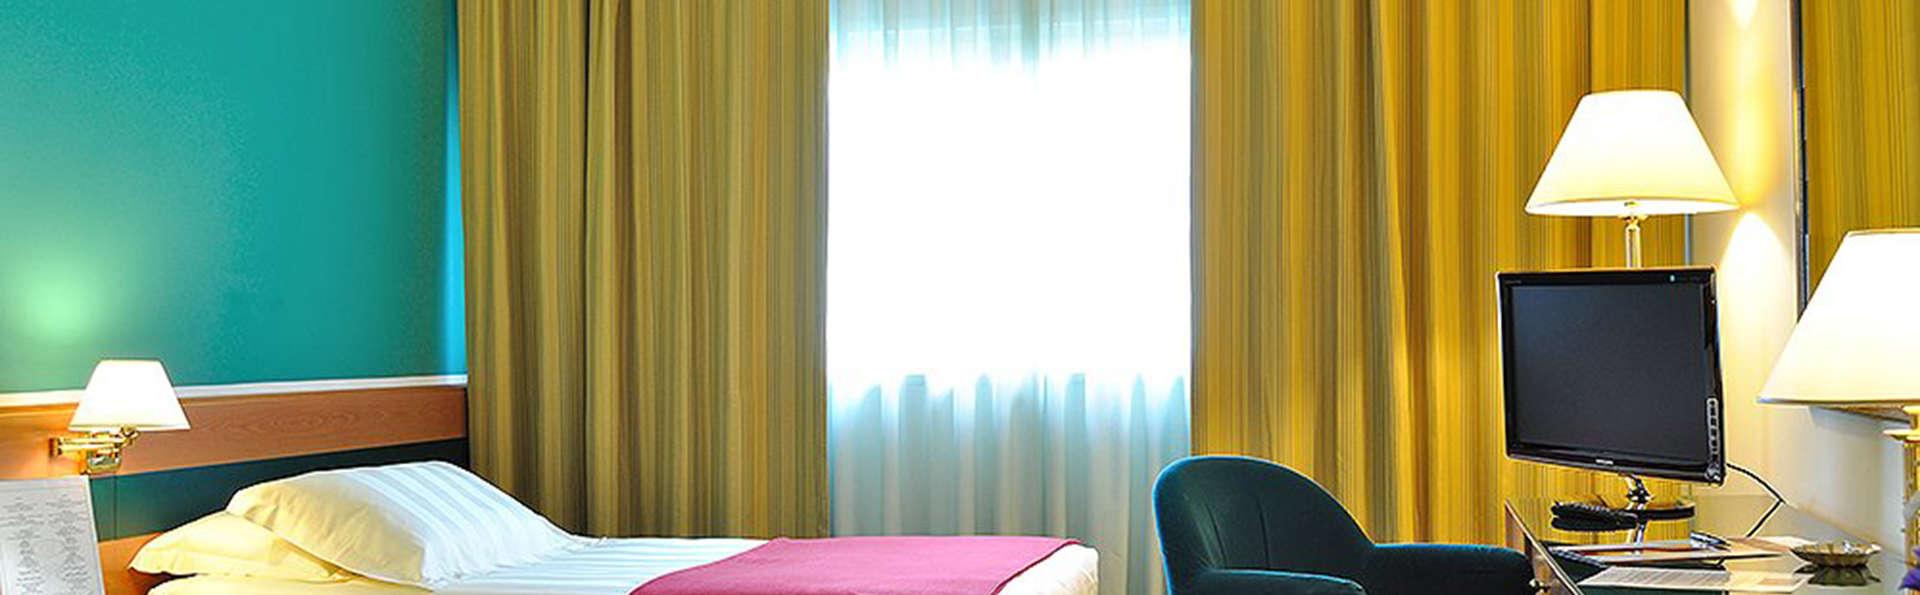 Oly Hotel - EDIT_room2.jpg